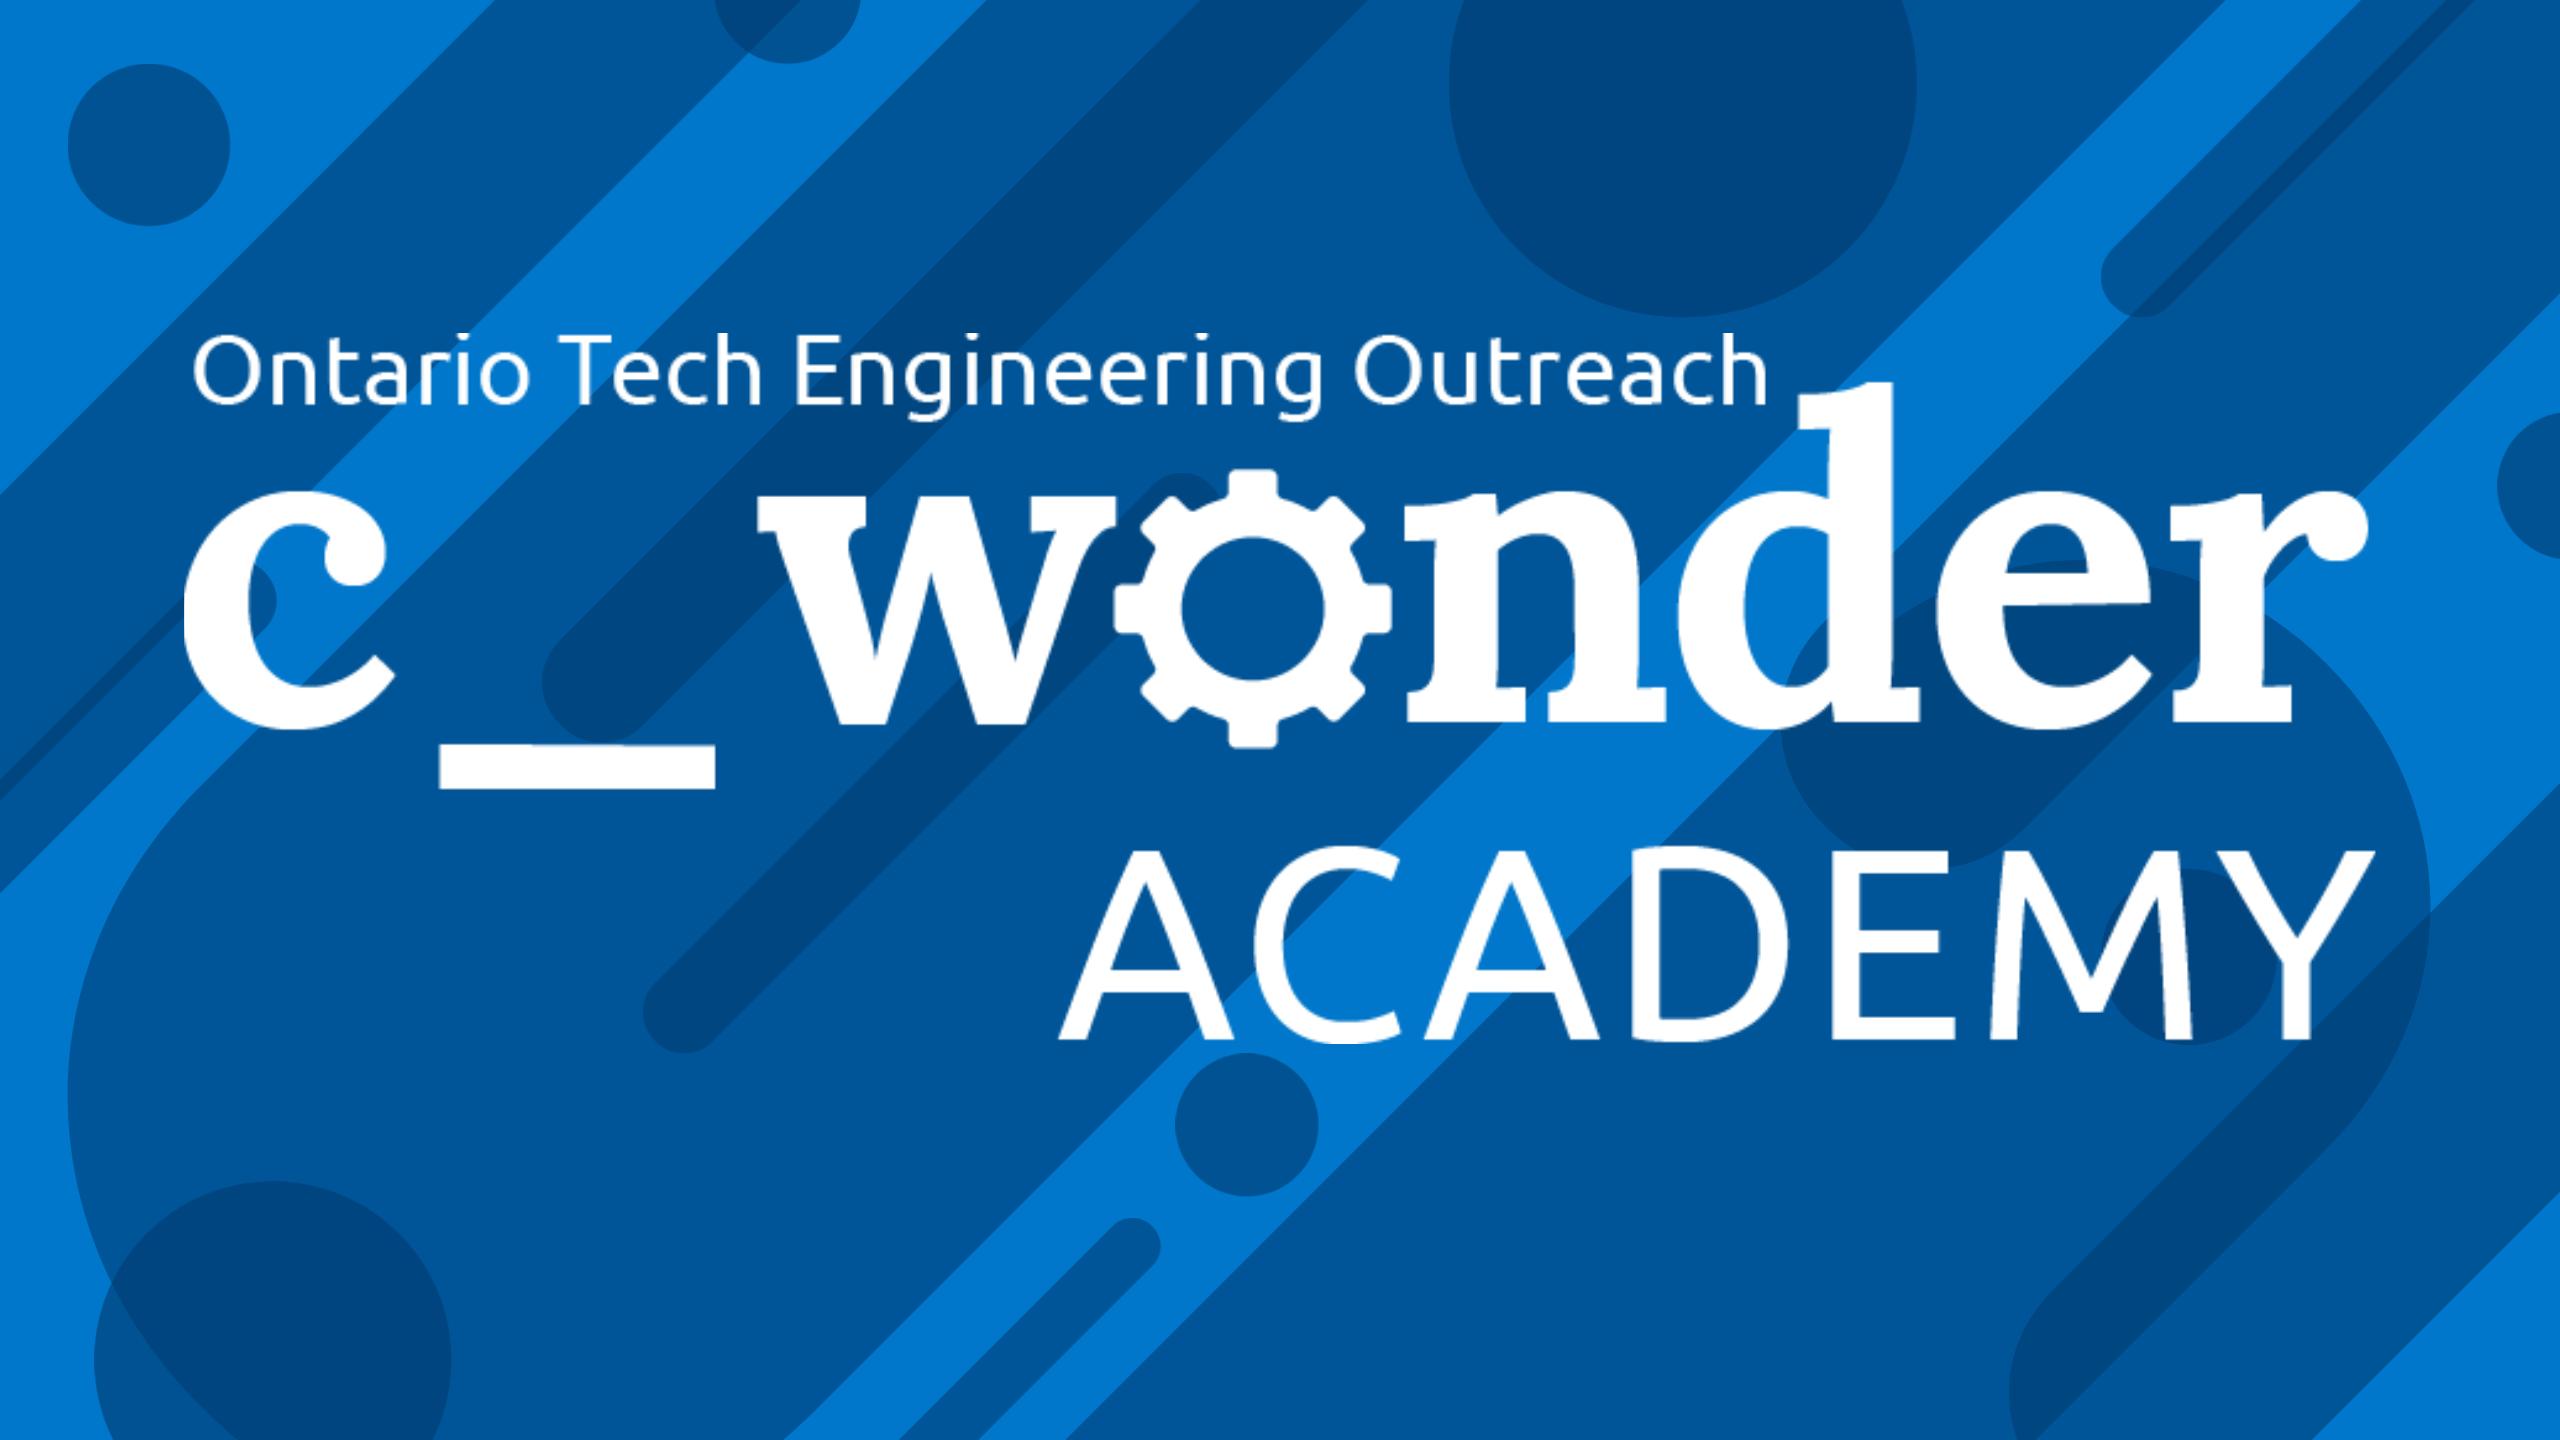 c_wonder academy